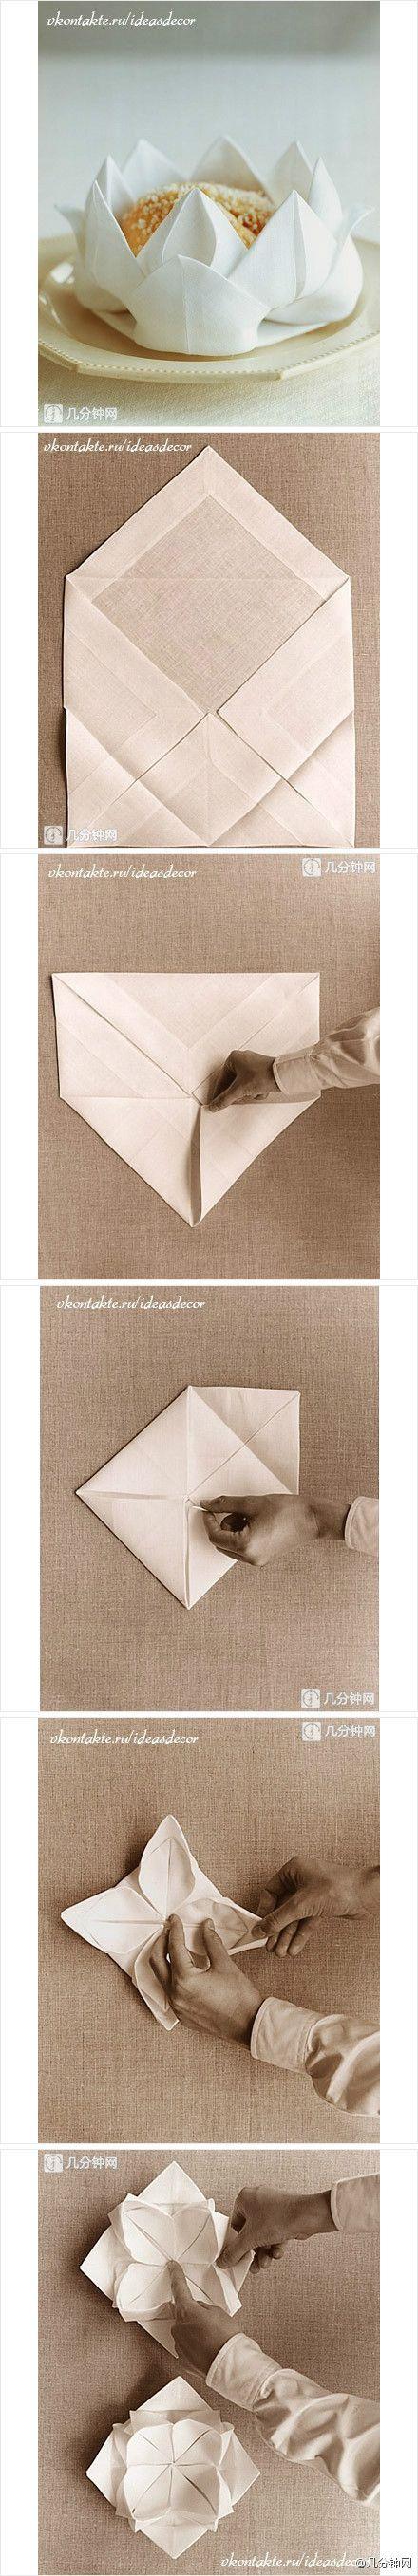 35 best manualidades servilletas de papel images on - Origami con servilletas ...